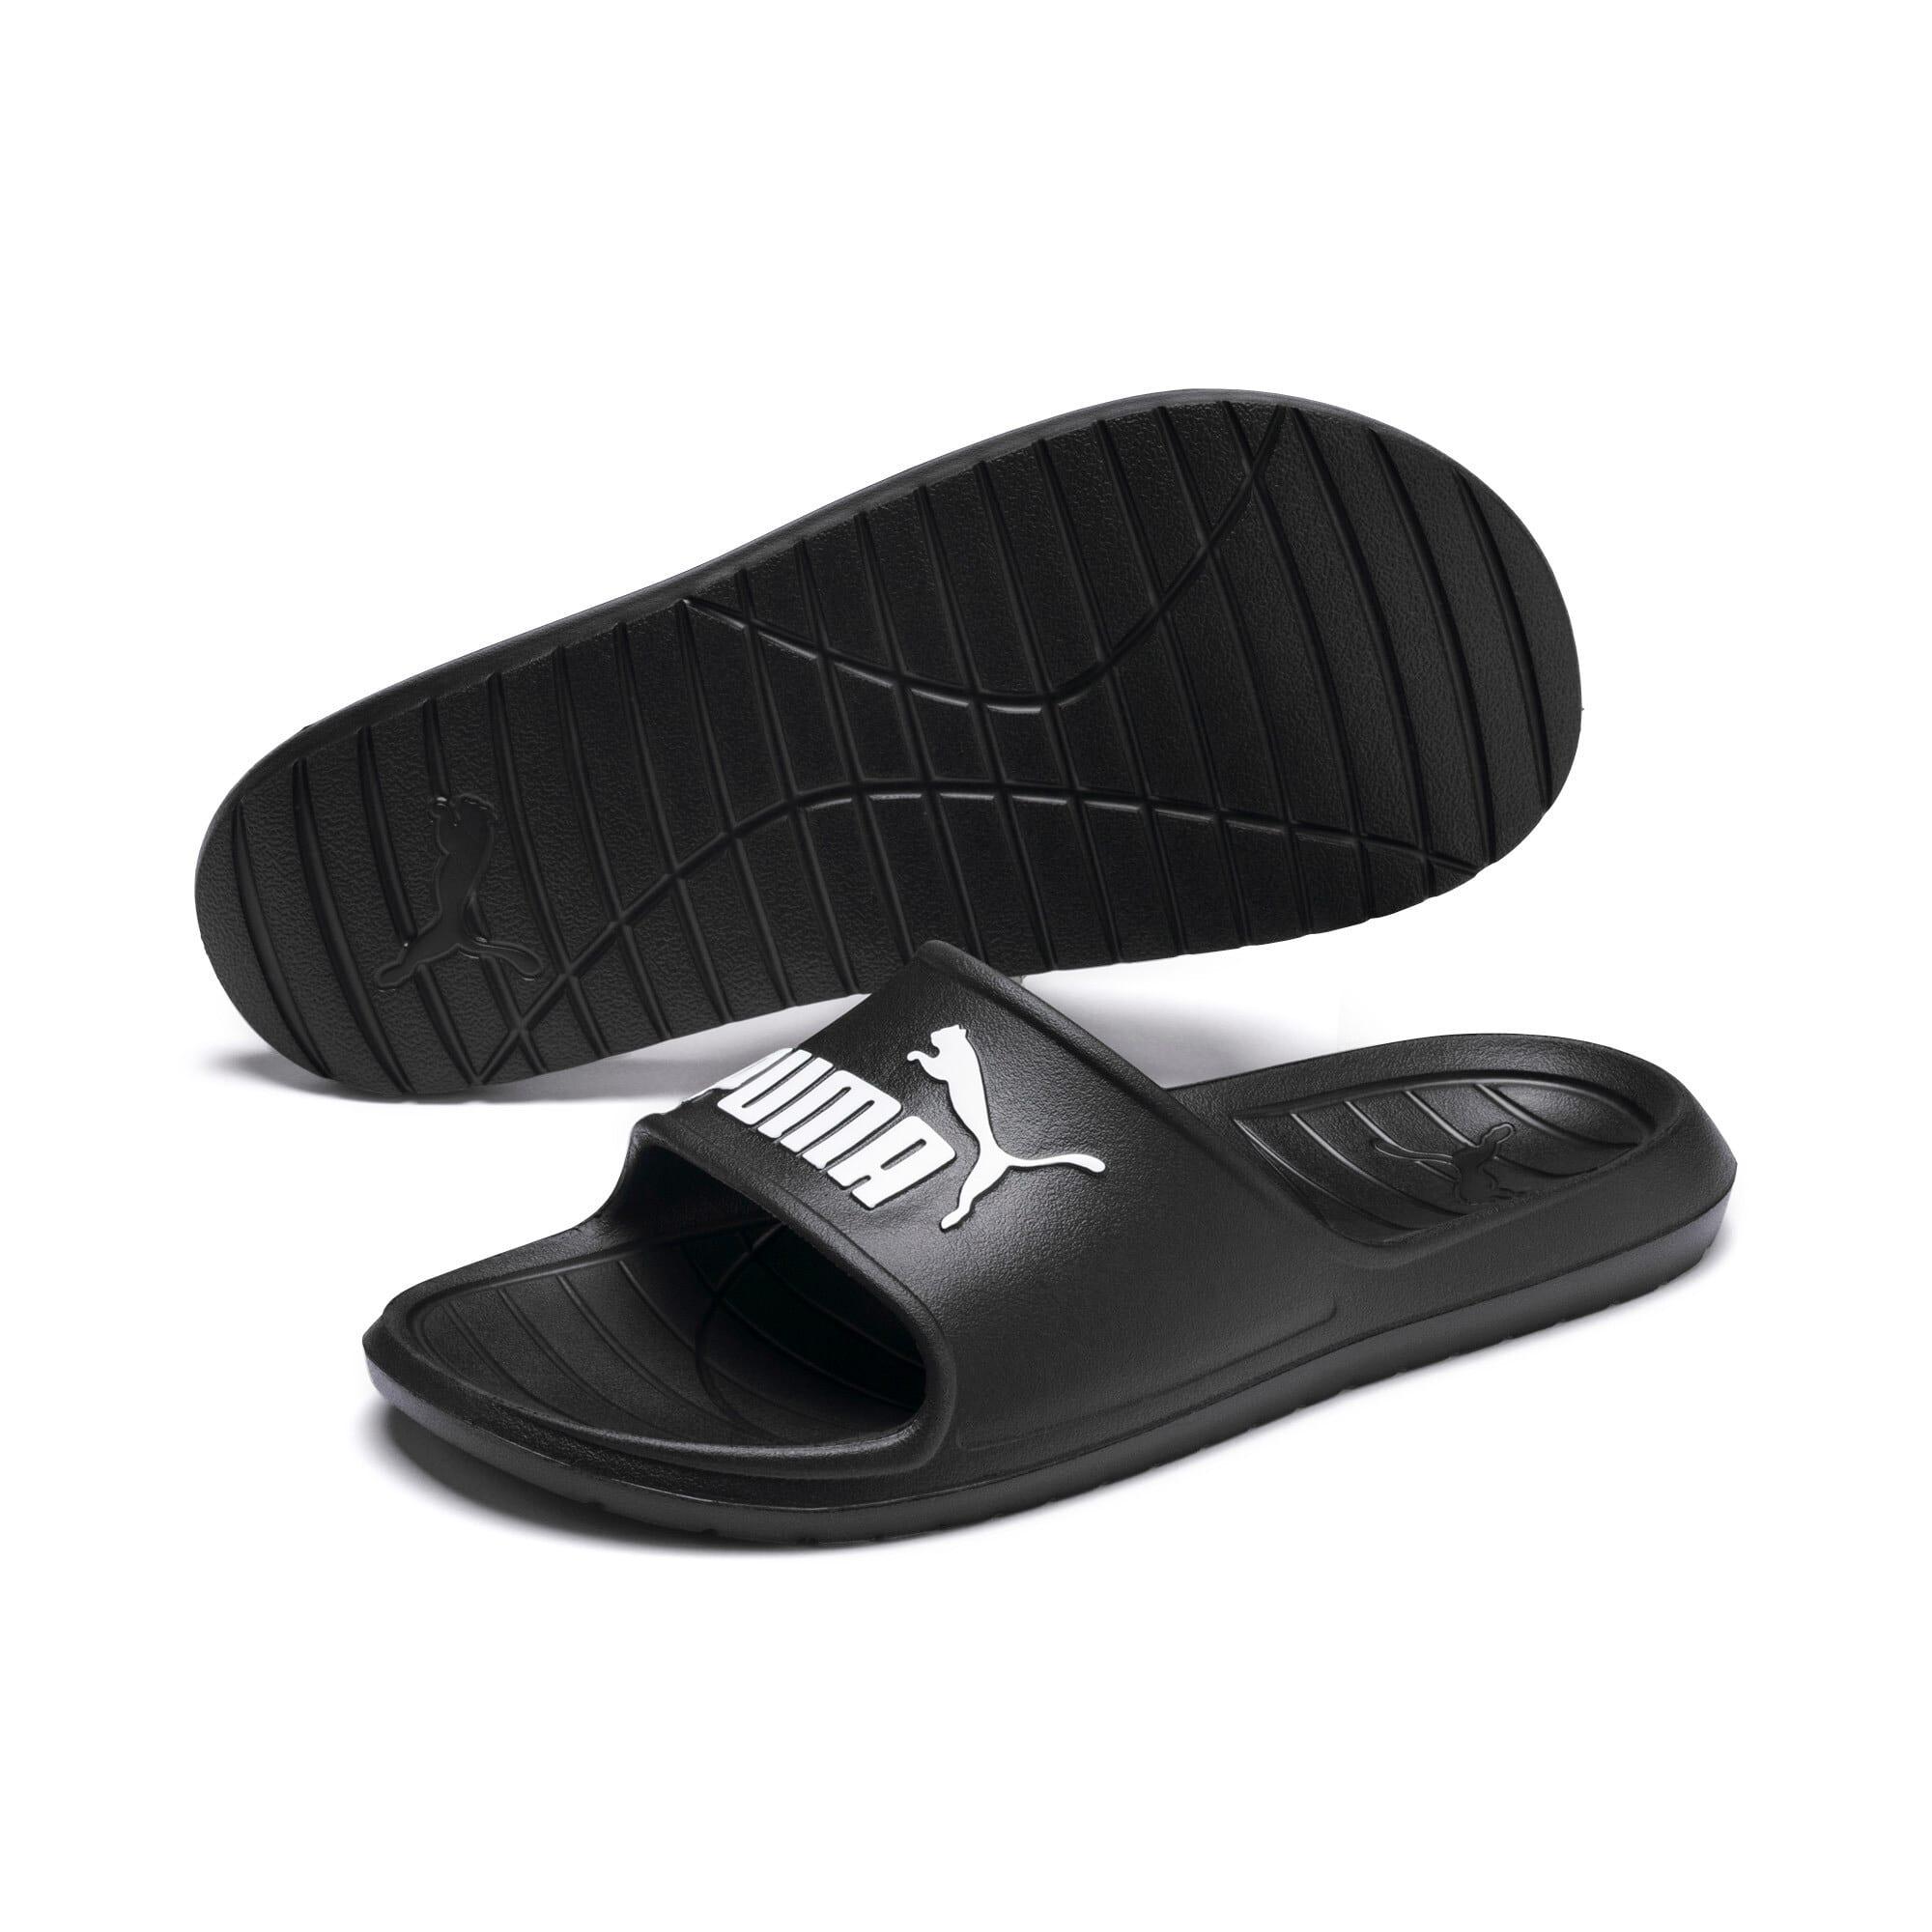 Miniatura 2 de Sandalias Divecat v2, Puma Black-Puma White, mediano